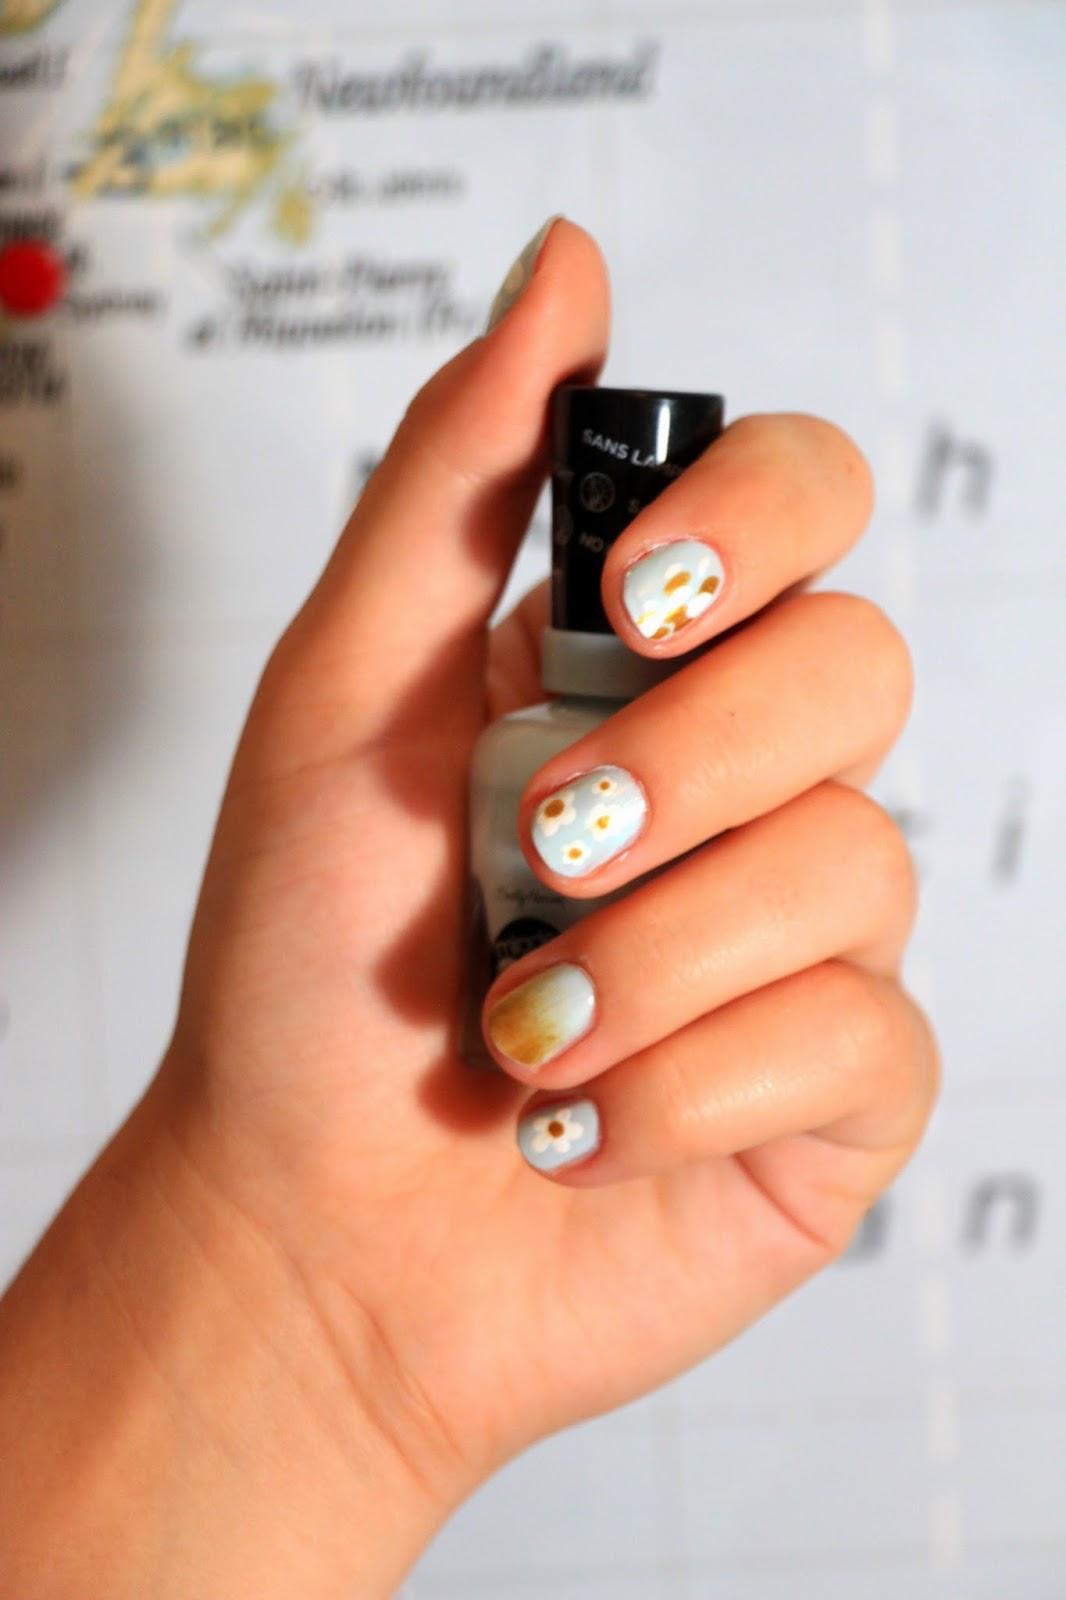 nail art, manucure, verni Sally Hansen, Miracle Gel, nails, Daisy nail art